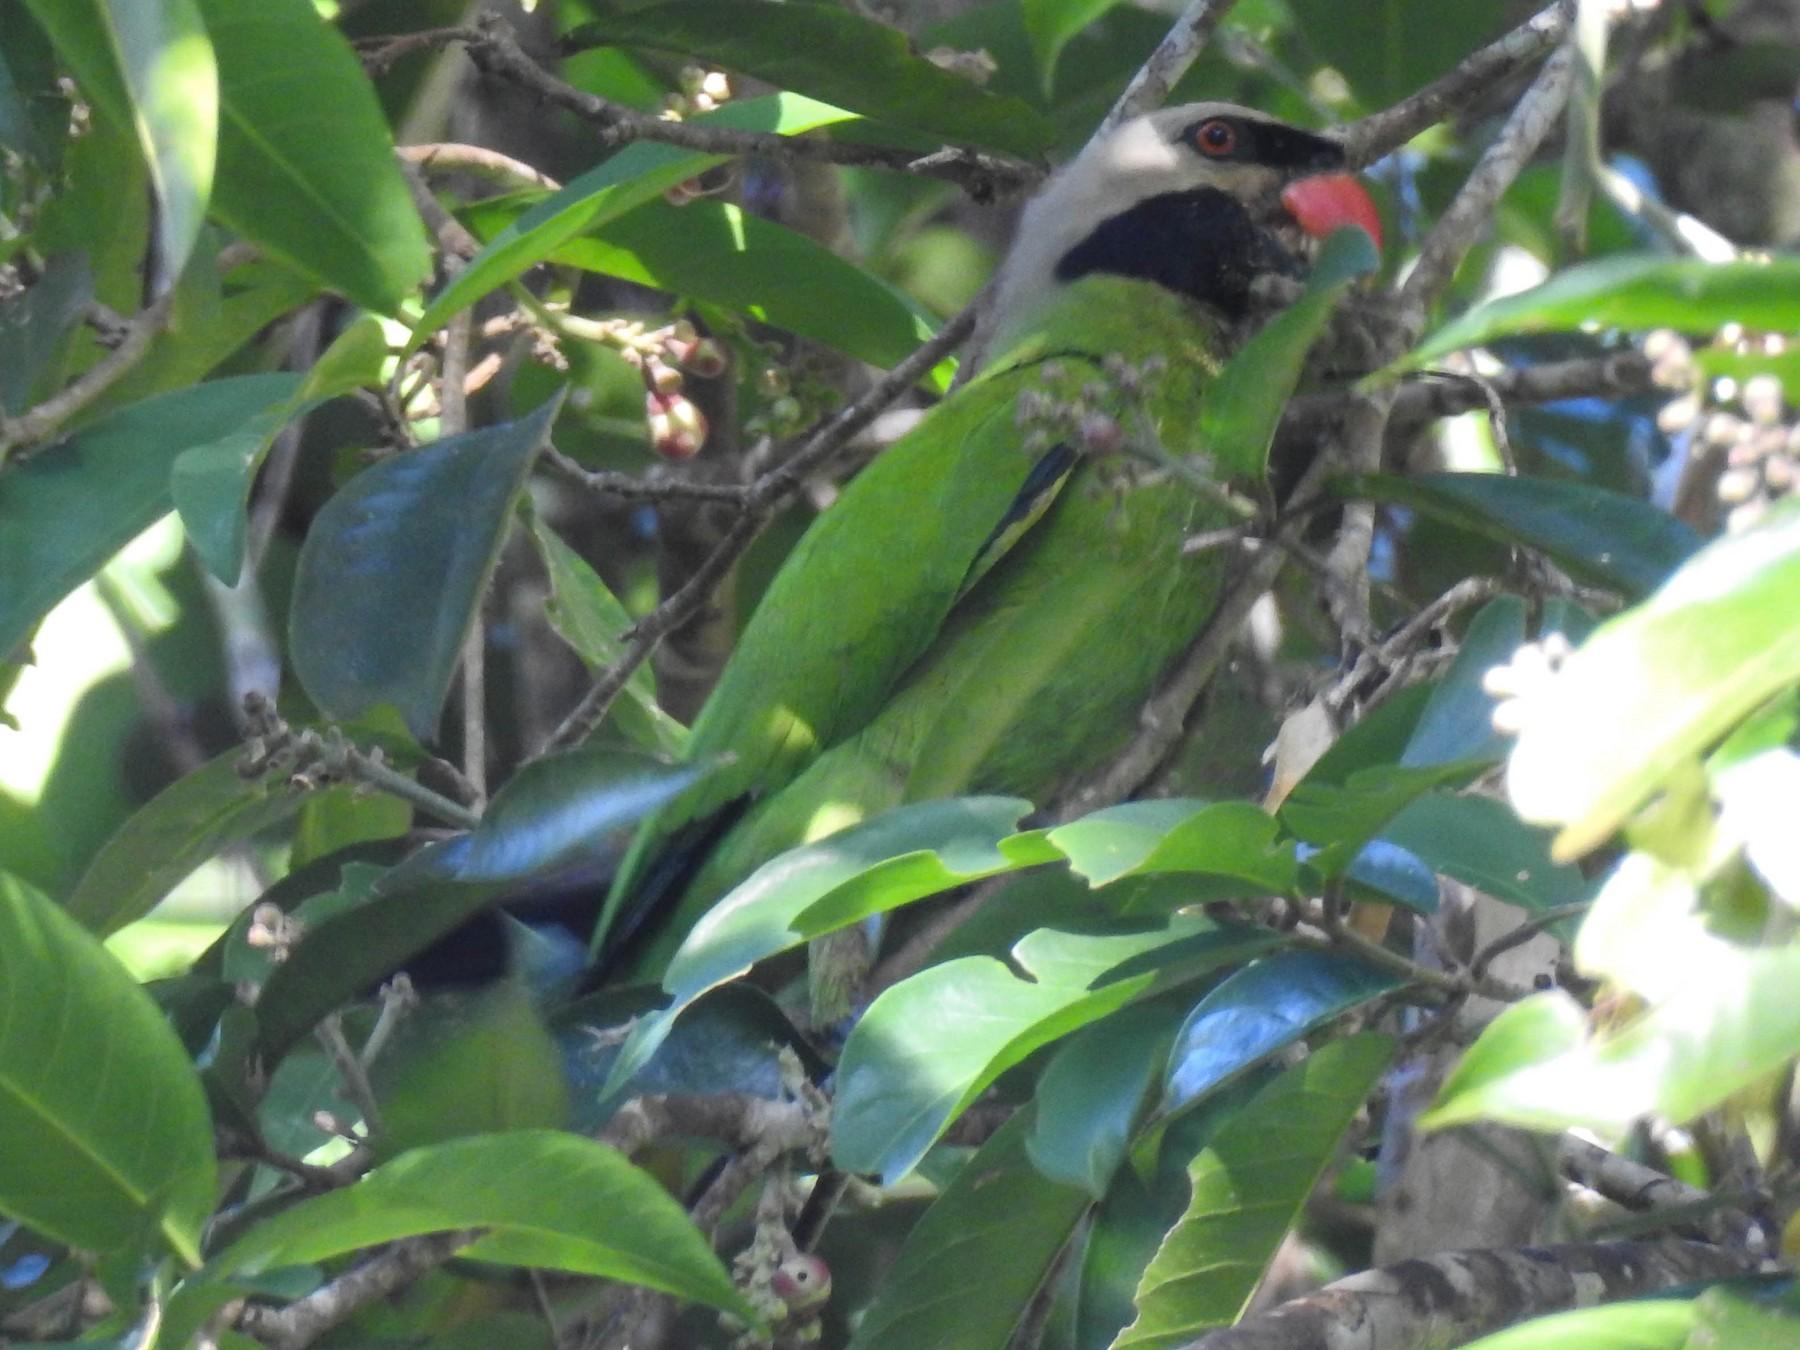 Nicobar Parakeet - Sahana M